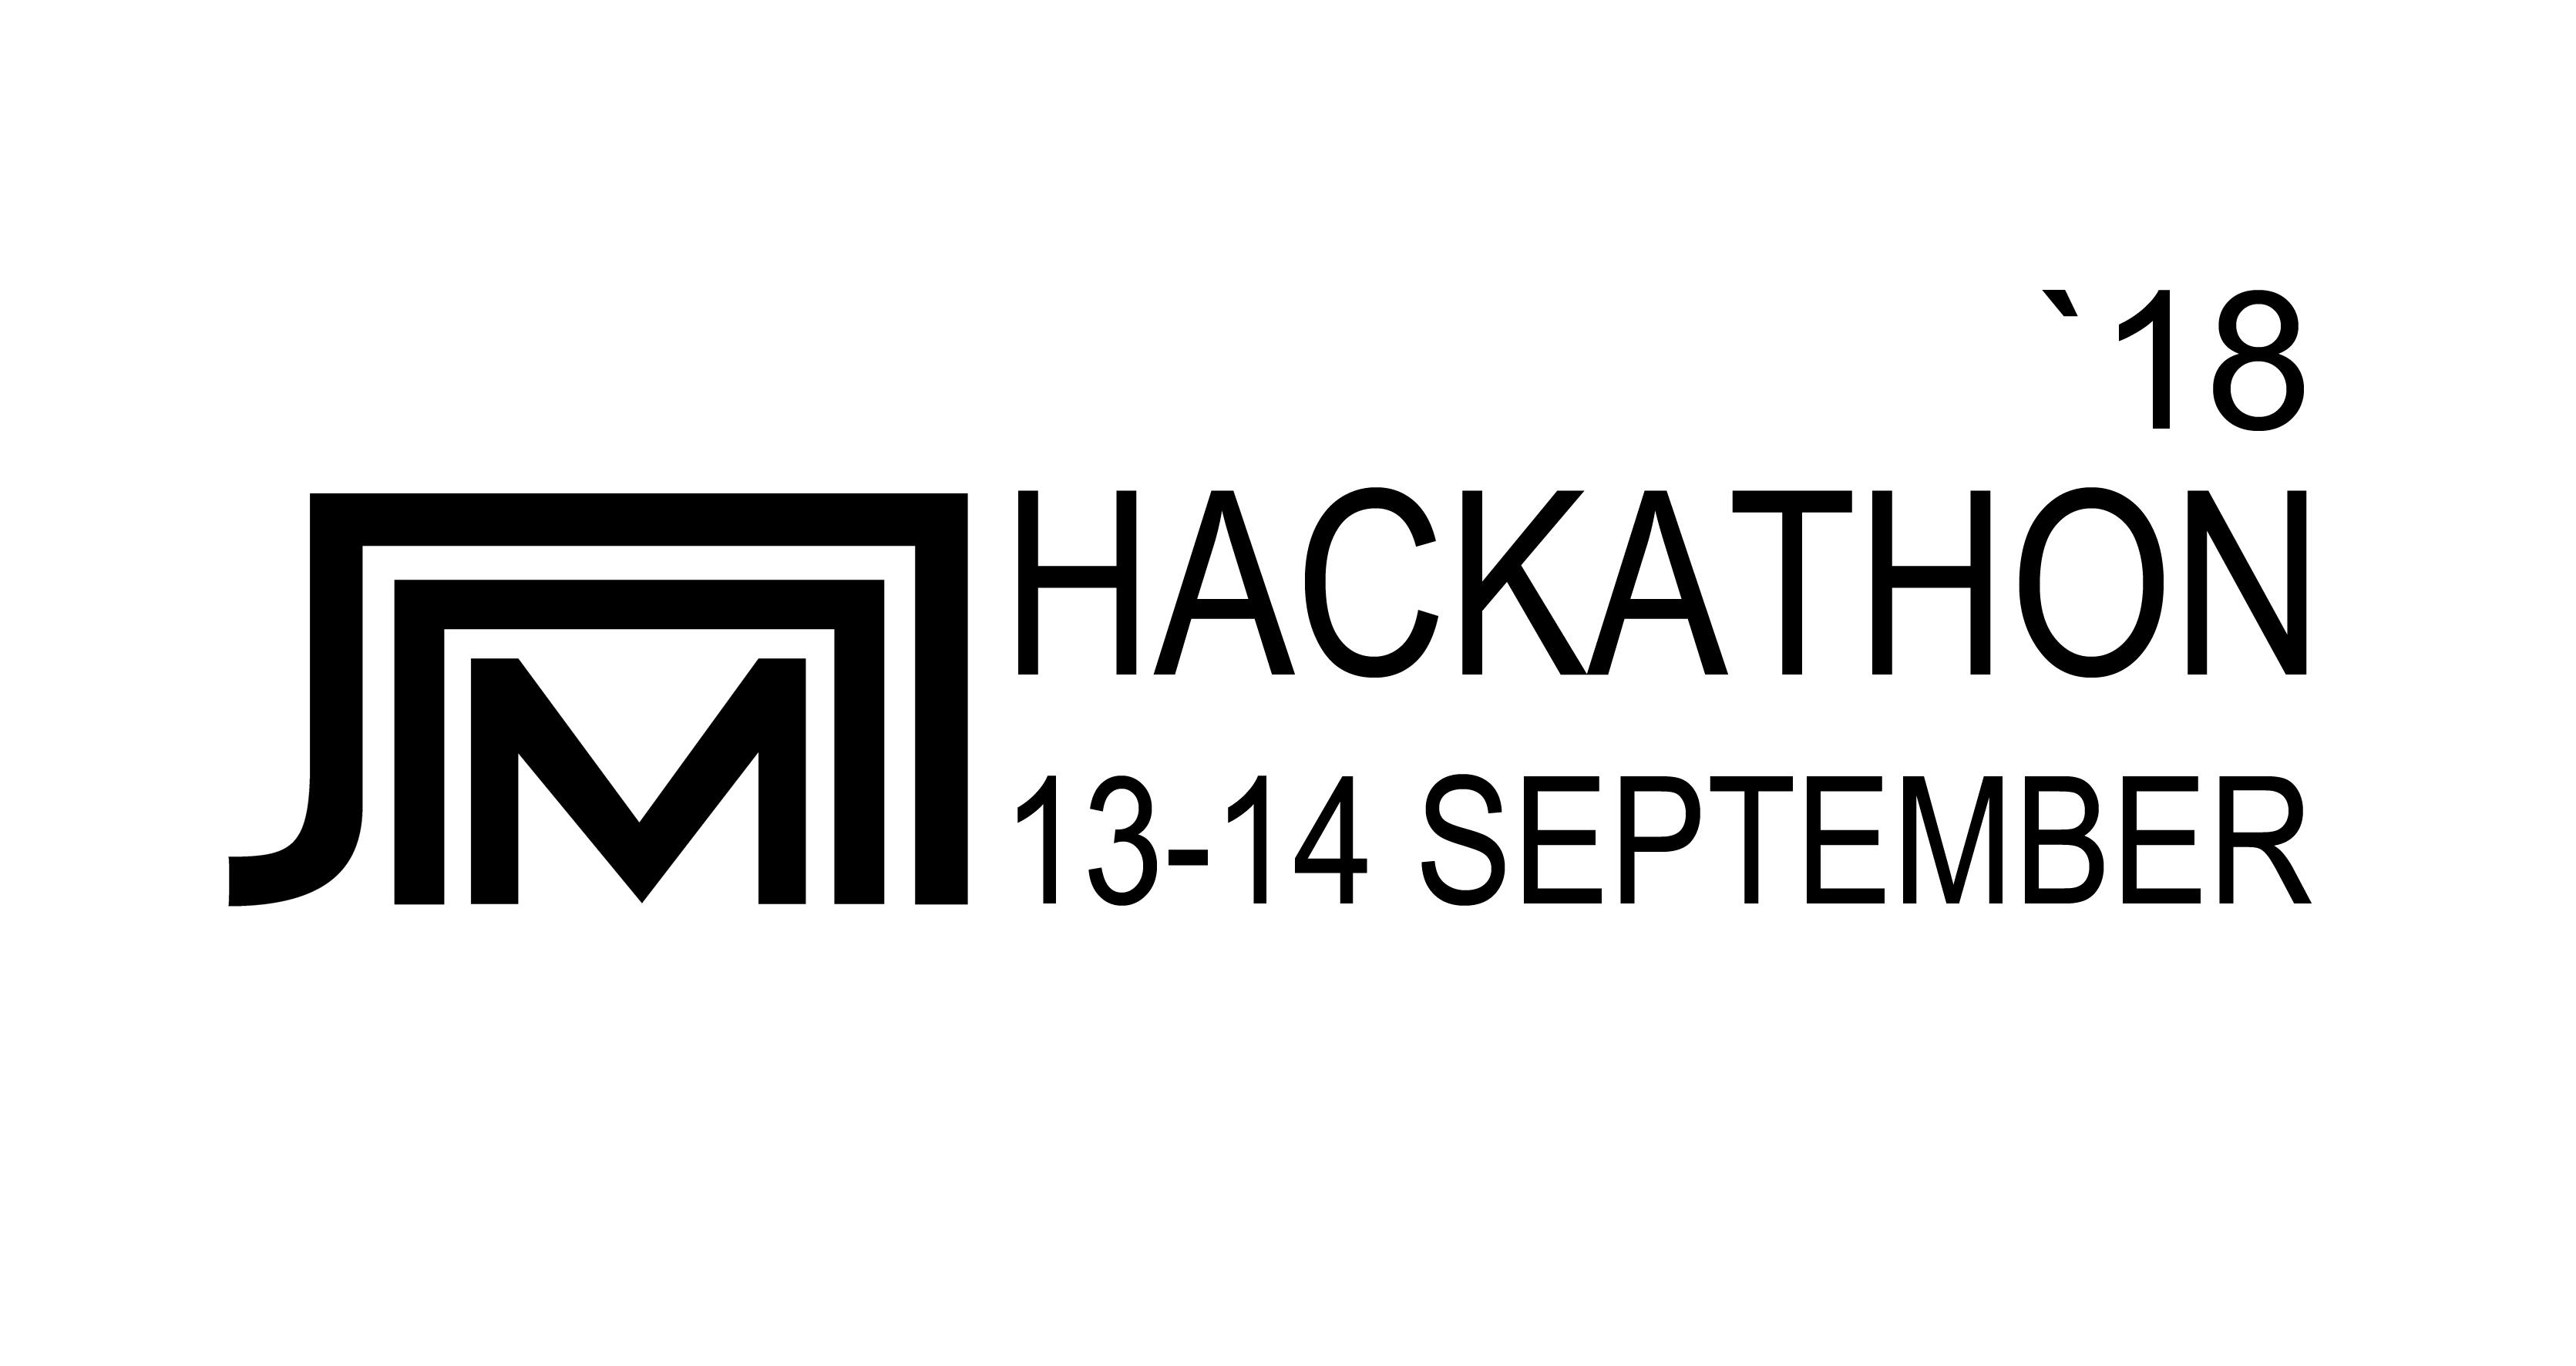 13-14 сентября в рамках Форума промышленной автоматизации Industrial IT Forum 2018 пройдет LPM hackathon.